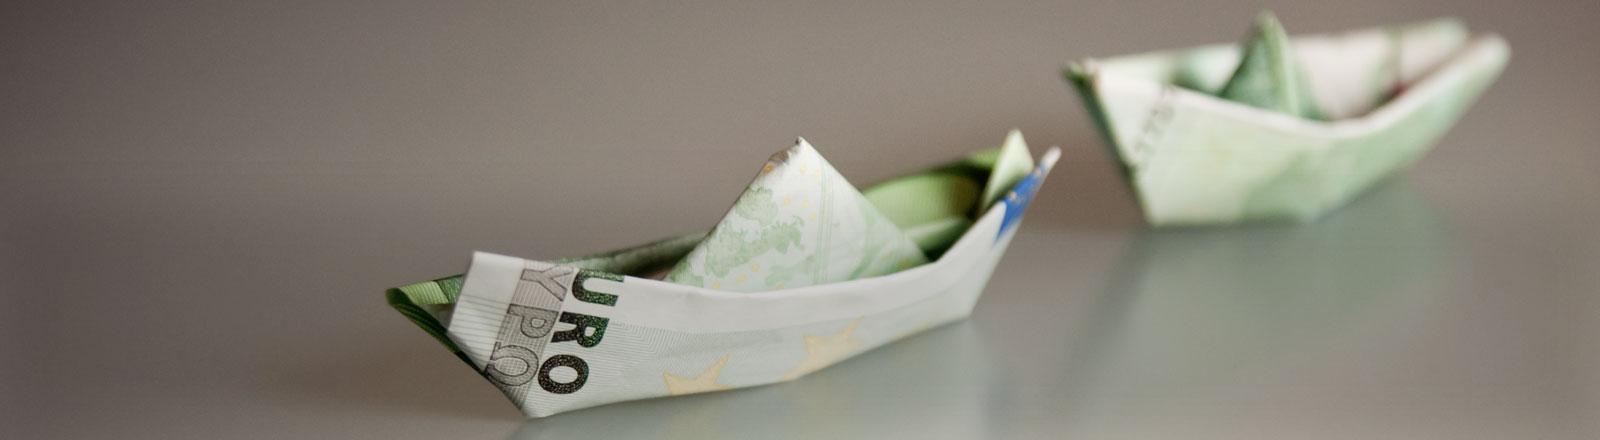 Zwei Einhundert-Euro-Scheine als Boote gefaltet.